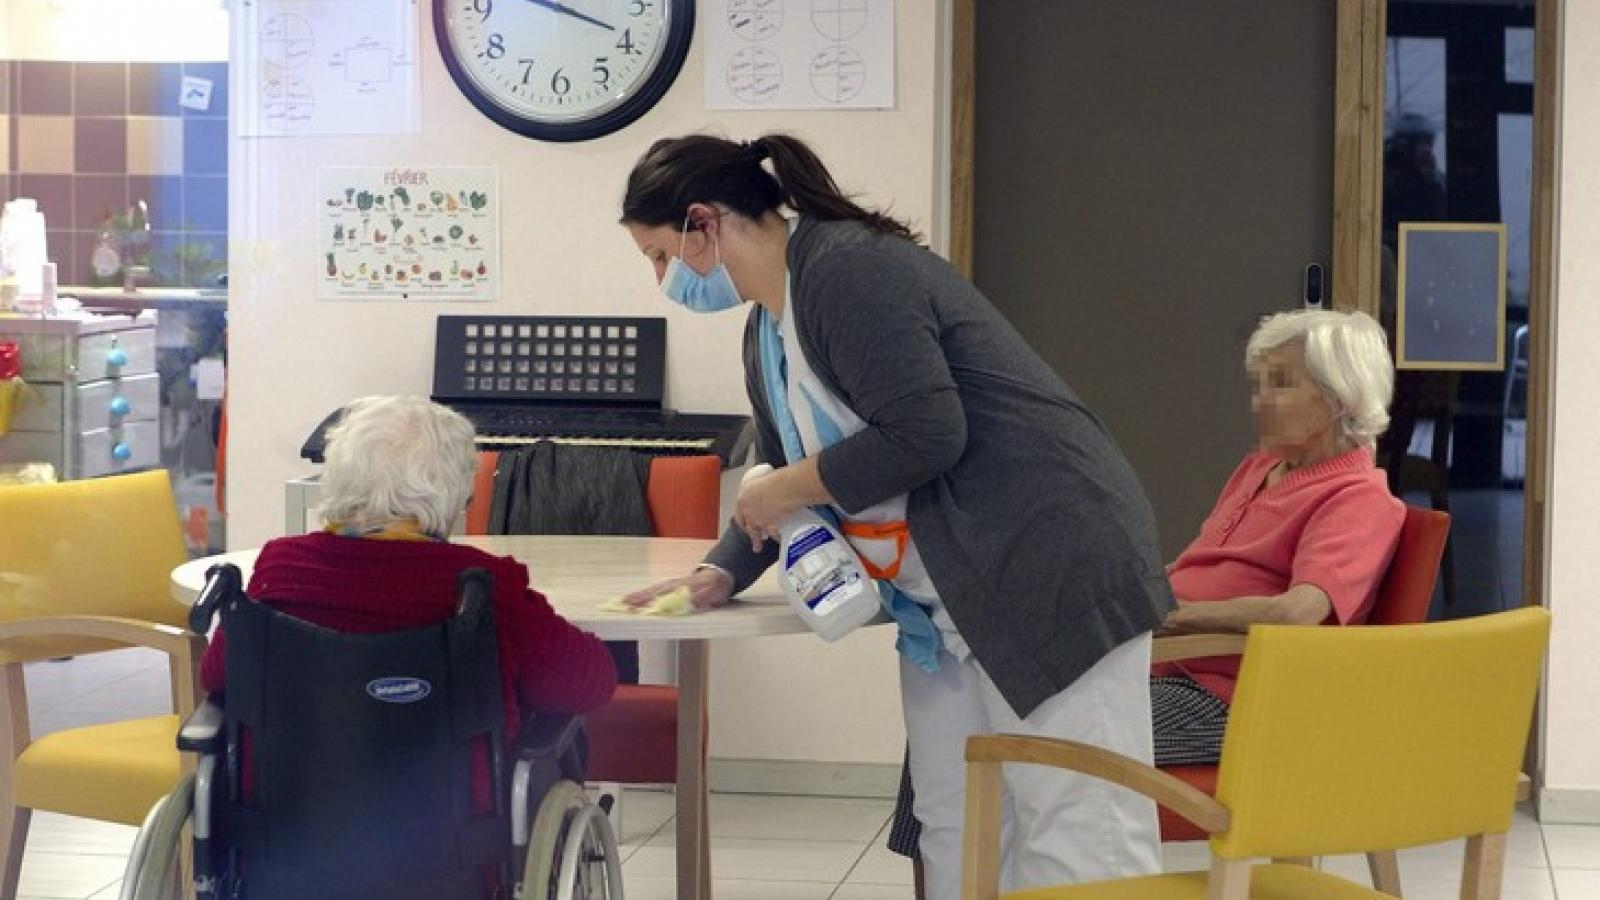 """WHO cảnh báo """"bi kịch không thể tưởng tượng nổi"""" trong các nhà dưỡng lão châu Âu"""